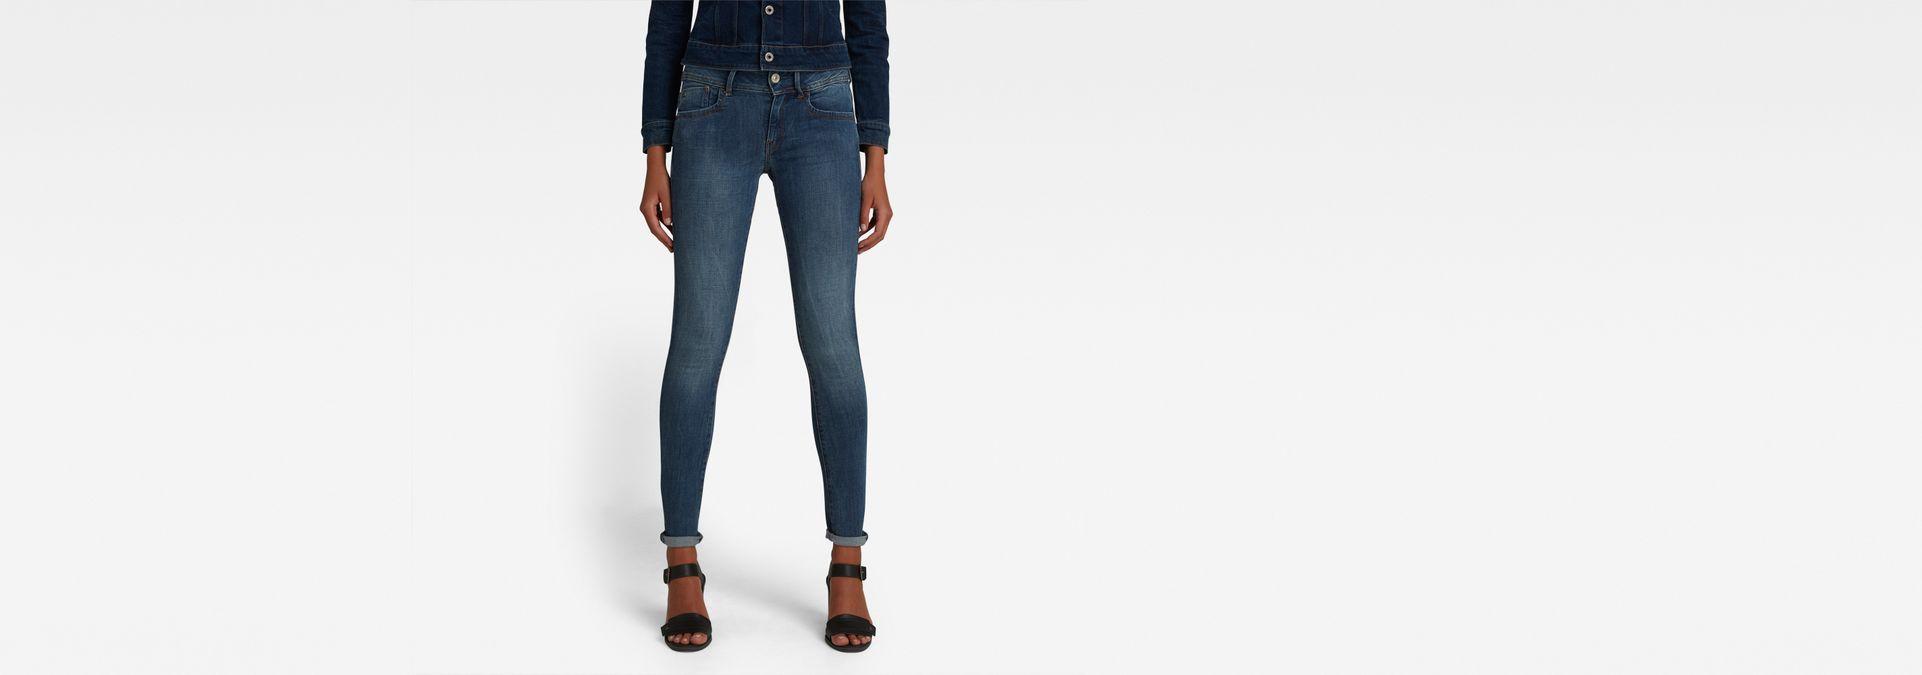 43805d6ed4 G-Star RAW® Lynn D-Mid Waist Super Skinny Jeans Medium blue ...